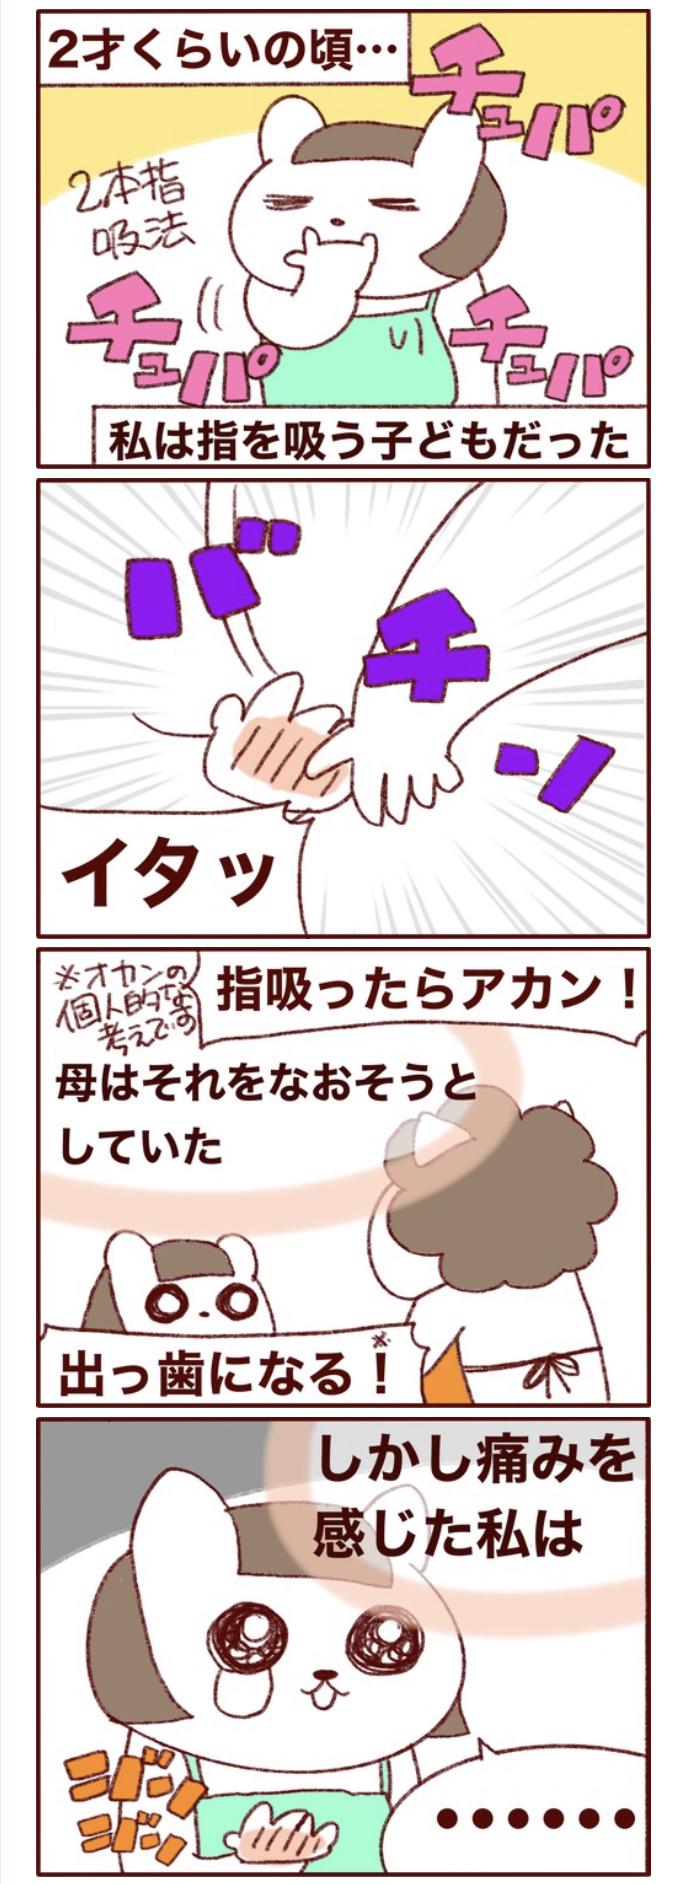 指しゃぶりをきつく叱られた記憶…父、寝かしつけ成功!?…今週のおすすめ記事!の画像1